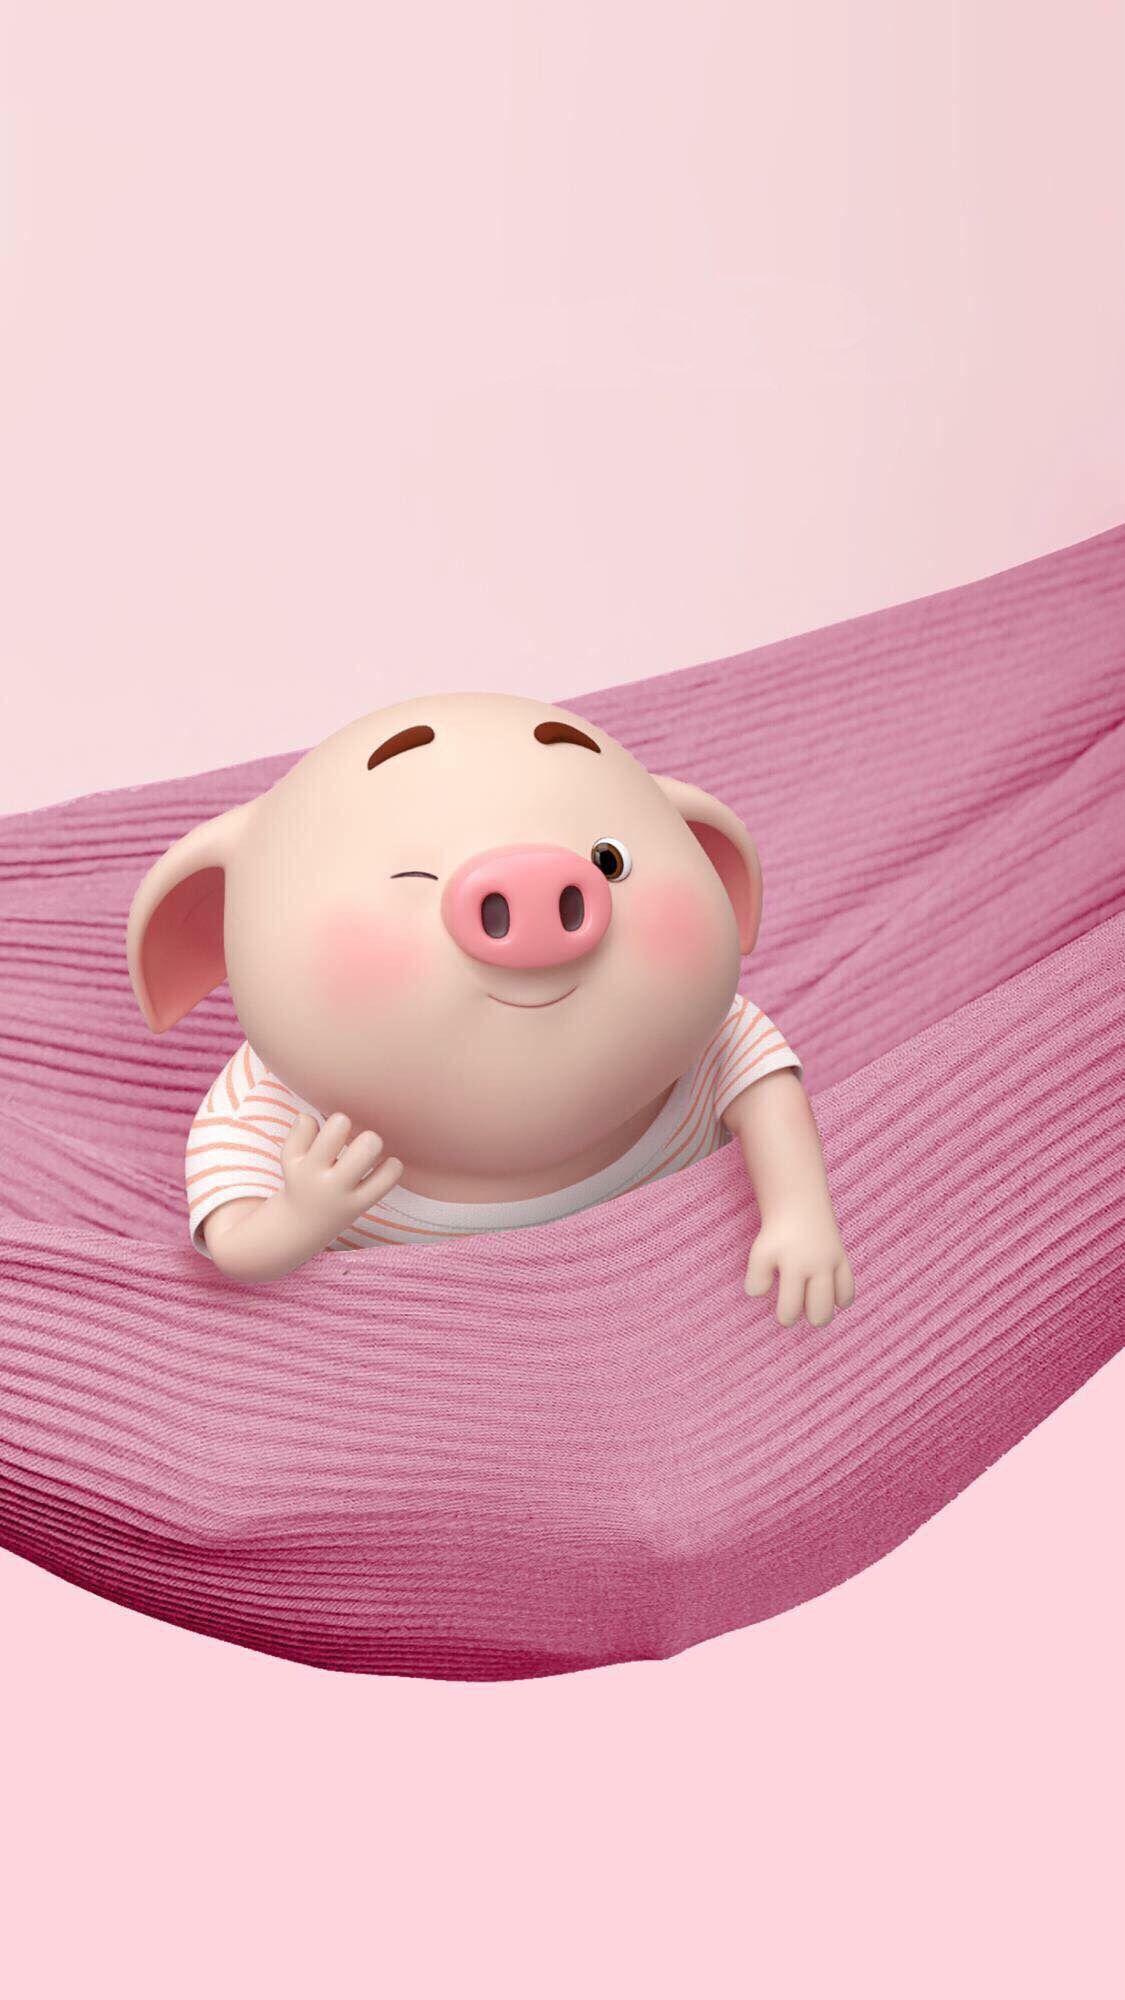 Lợn, Hình Nền, Thịt Lợn, Chào Buổi Sáng, Dễ Thương, Ảnh